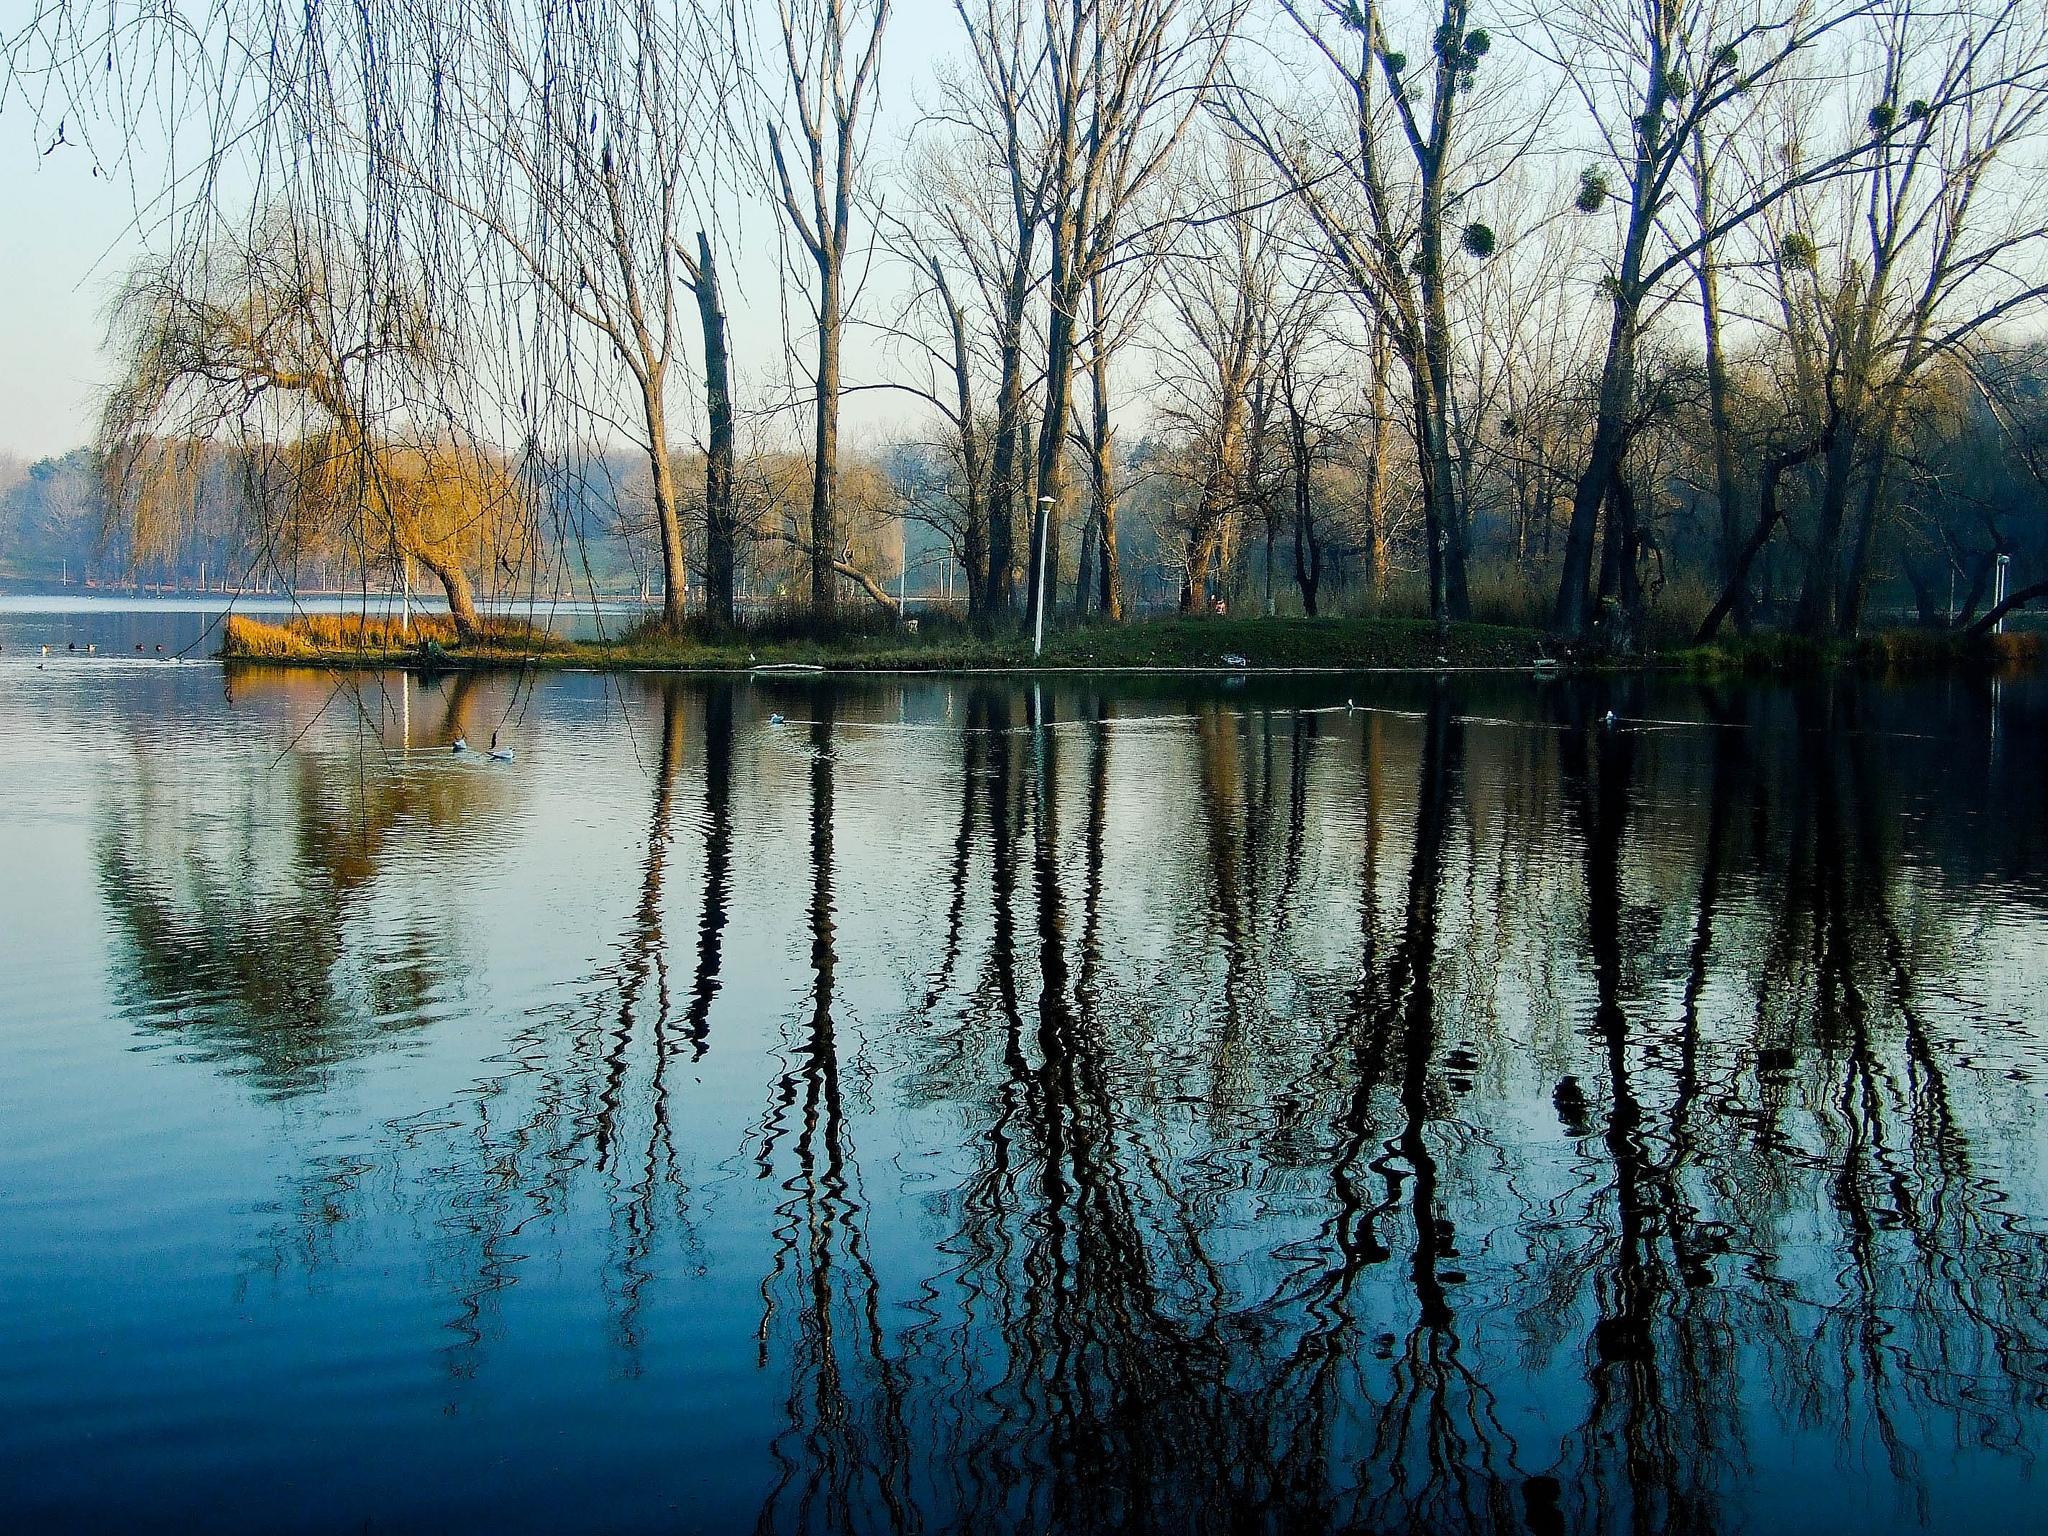 119530壁紙のダウンロード自然, 春, 公園, 木, 水, 湖-スクリーンセーバーと写真を無料で